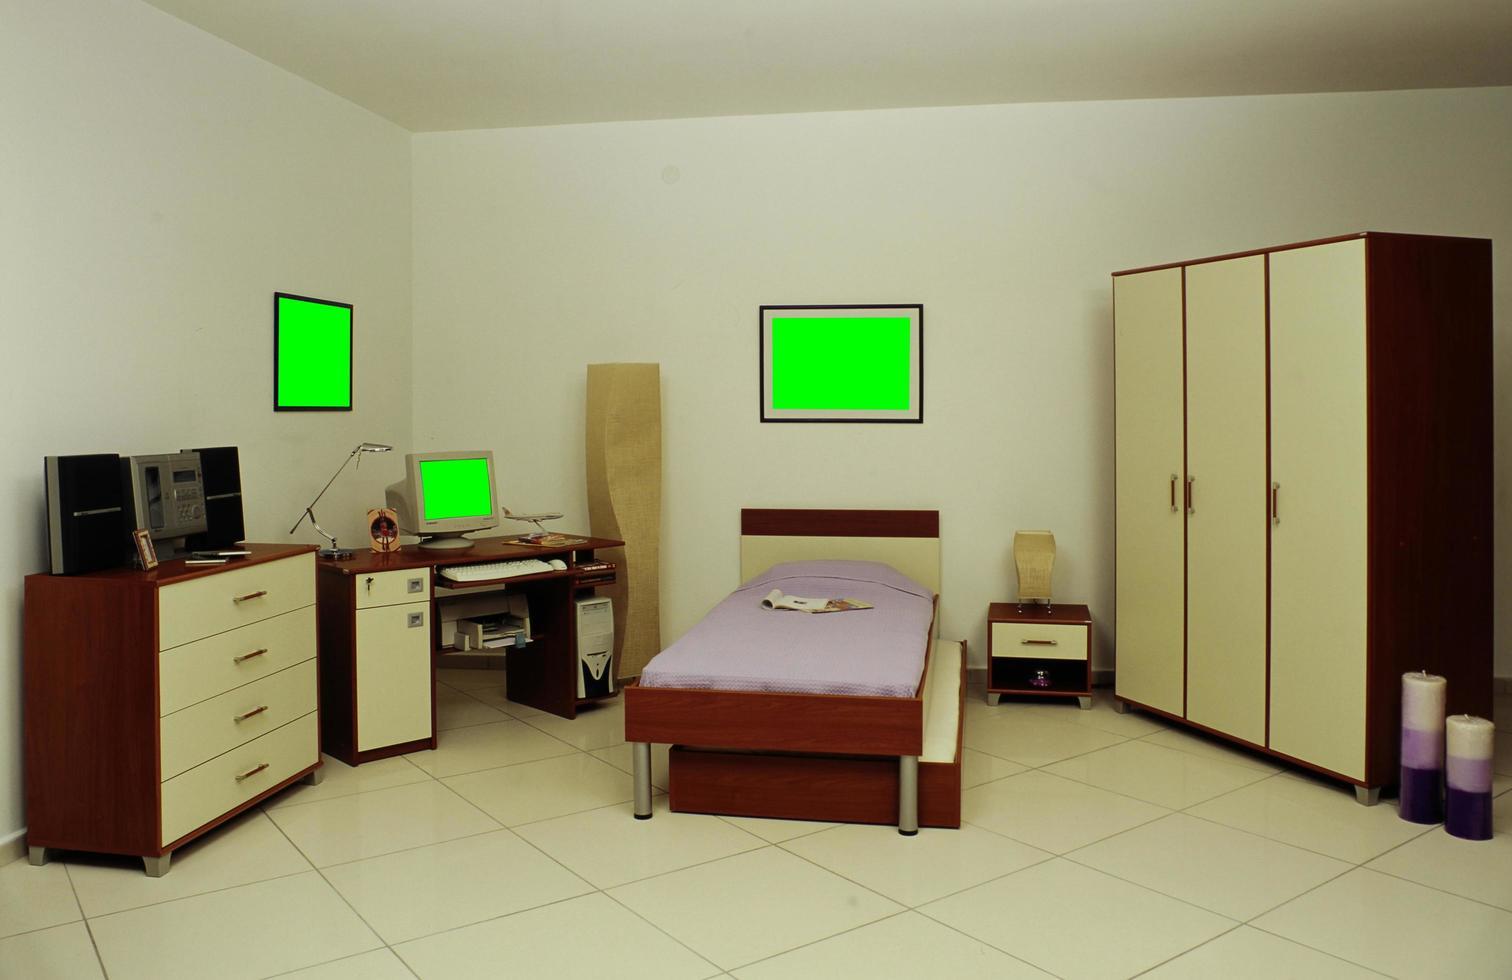 escritorio, biblioteca, cama y armario para habitaciones infantiles foto